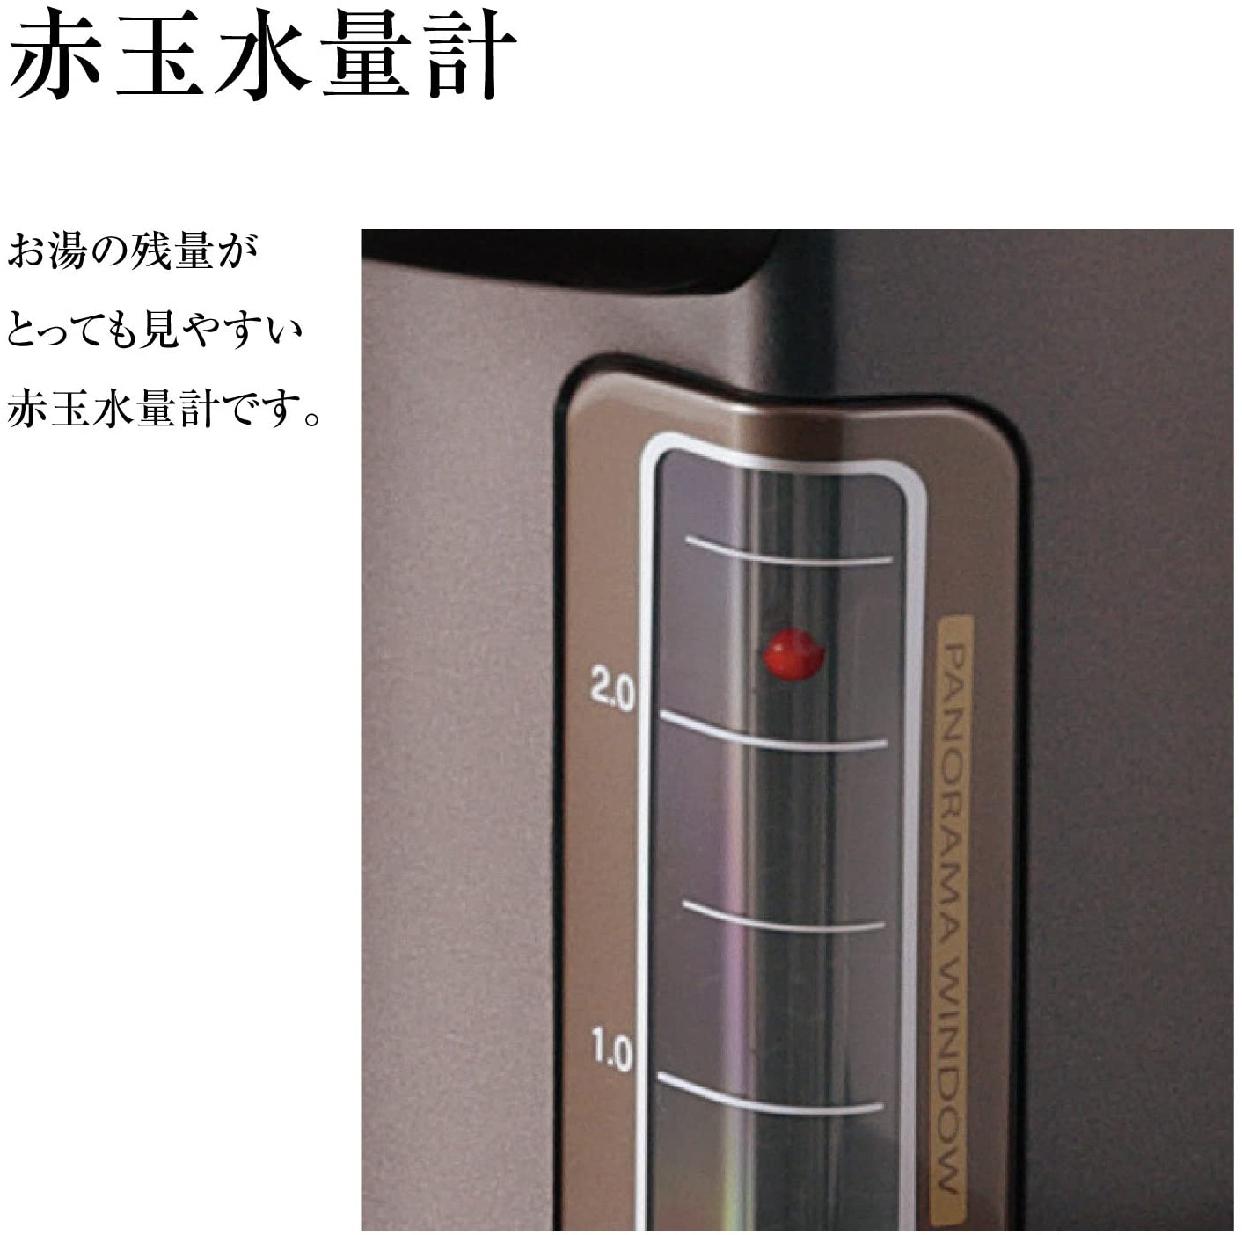 象印(ぞうじるし)マイコン沸とう電動ポット CD-WU30の商品画像4